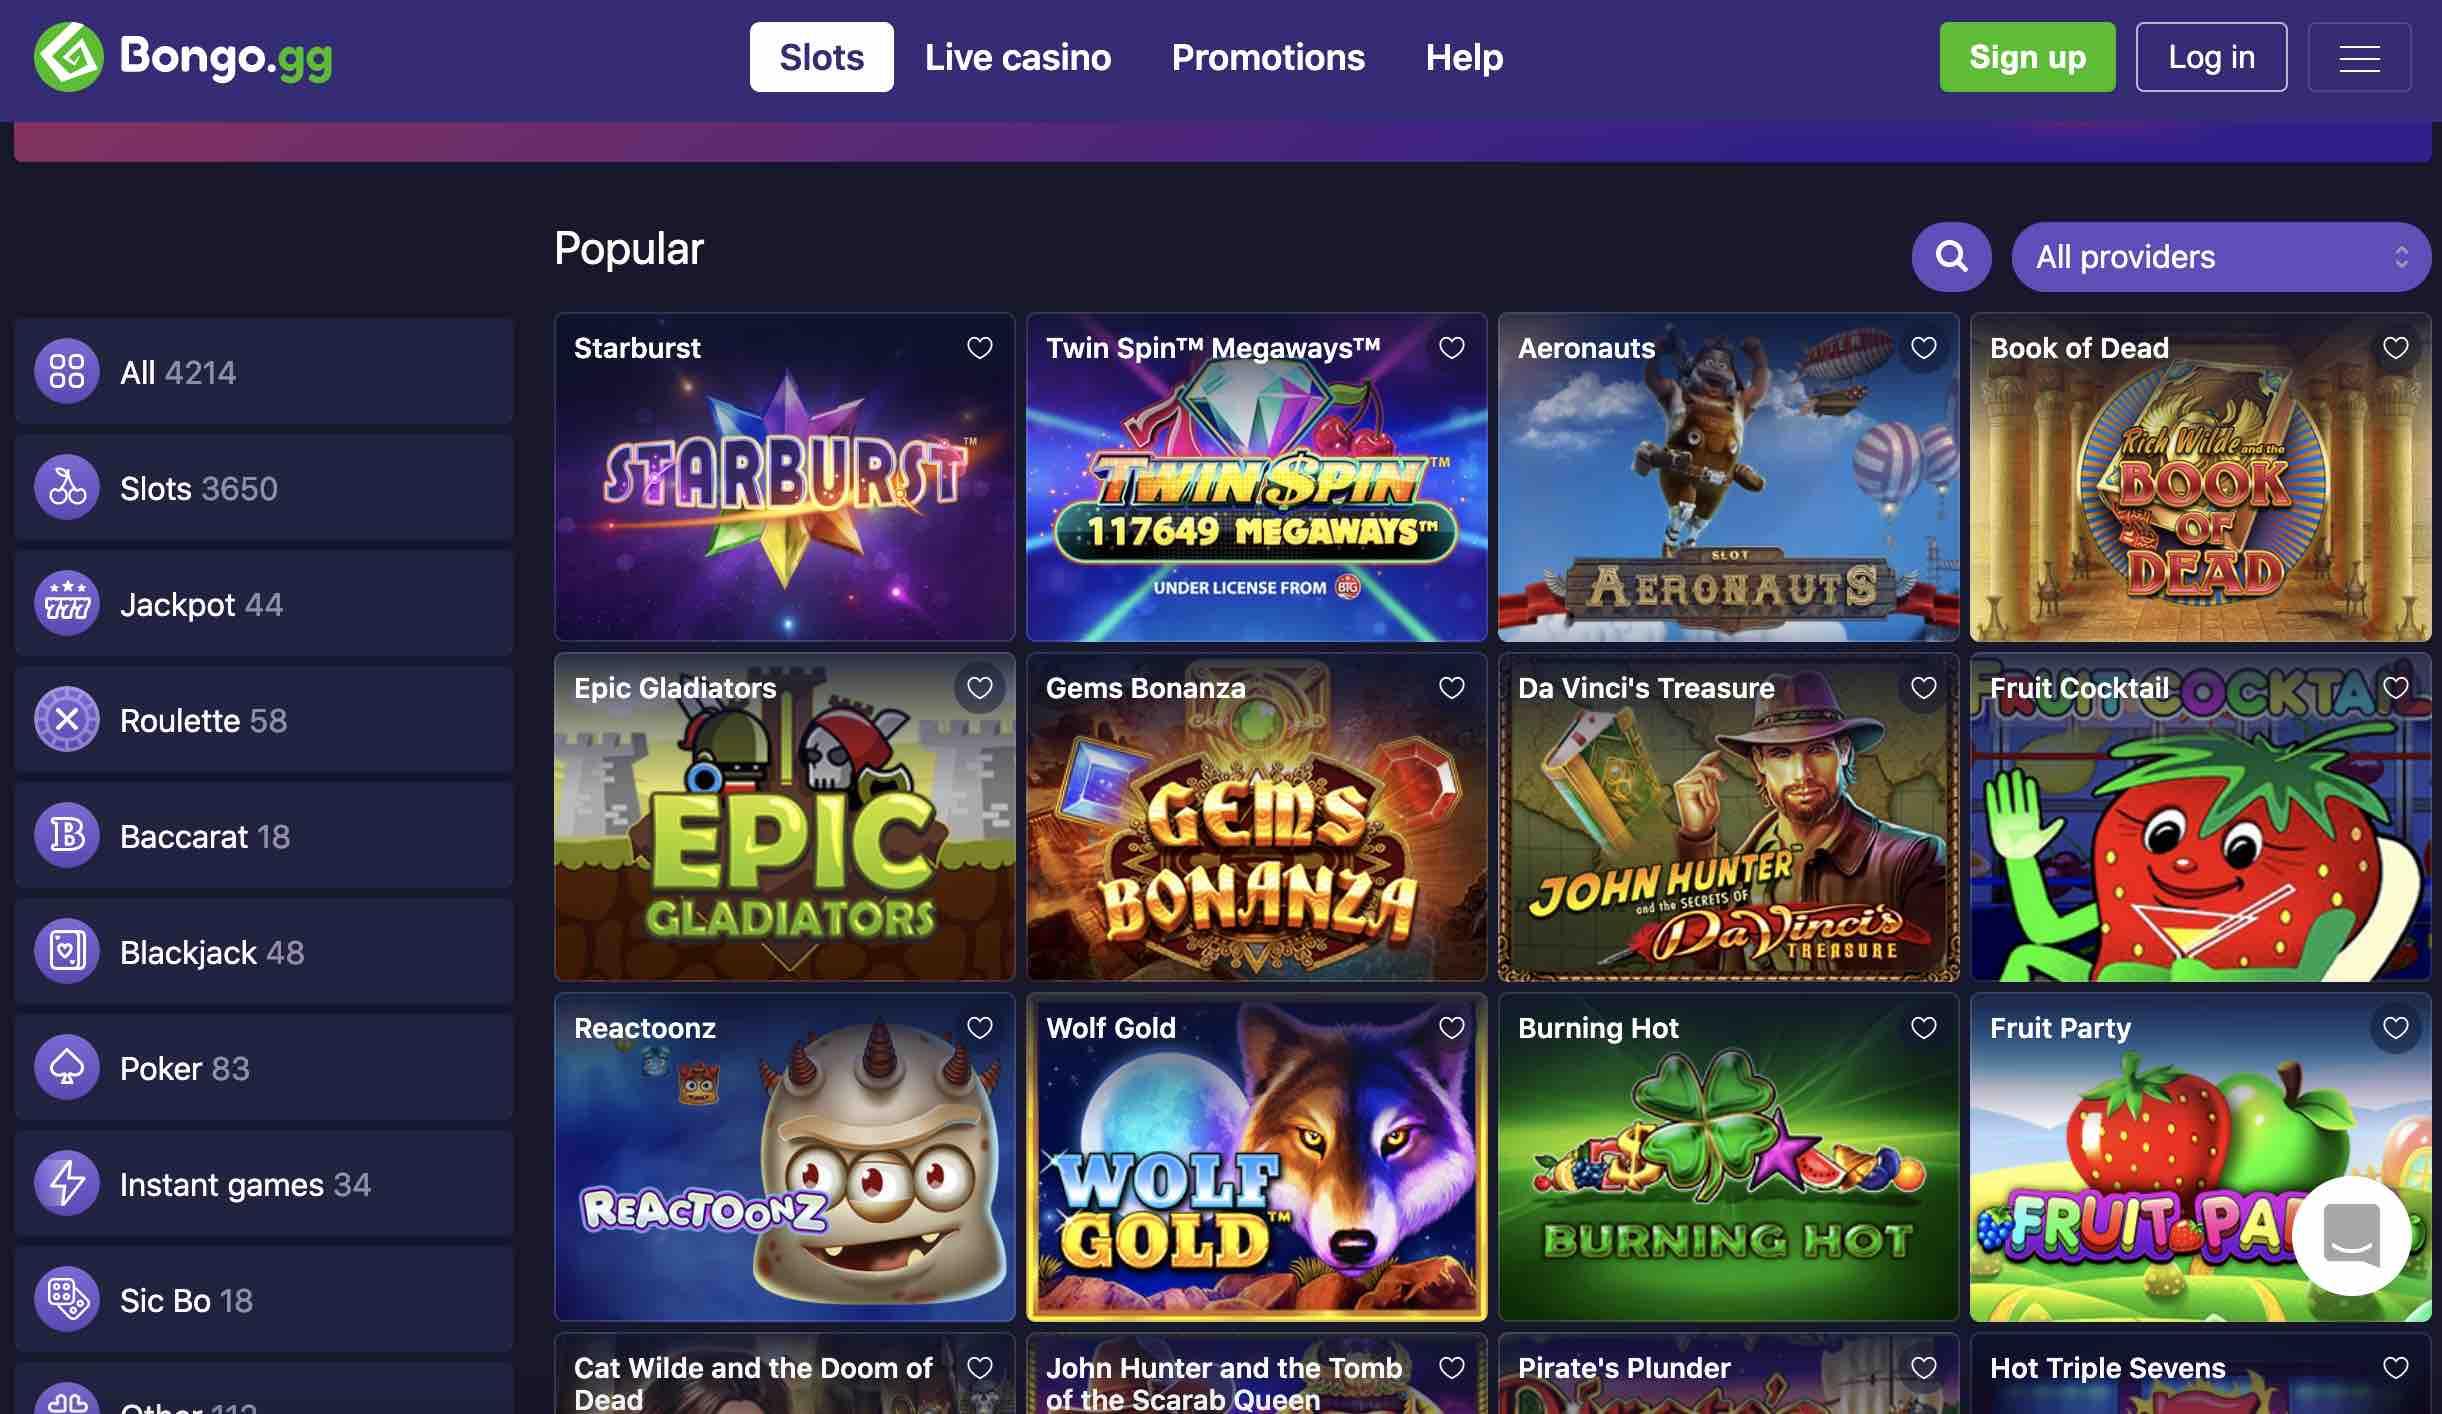 Slots and More at Bongo Casino